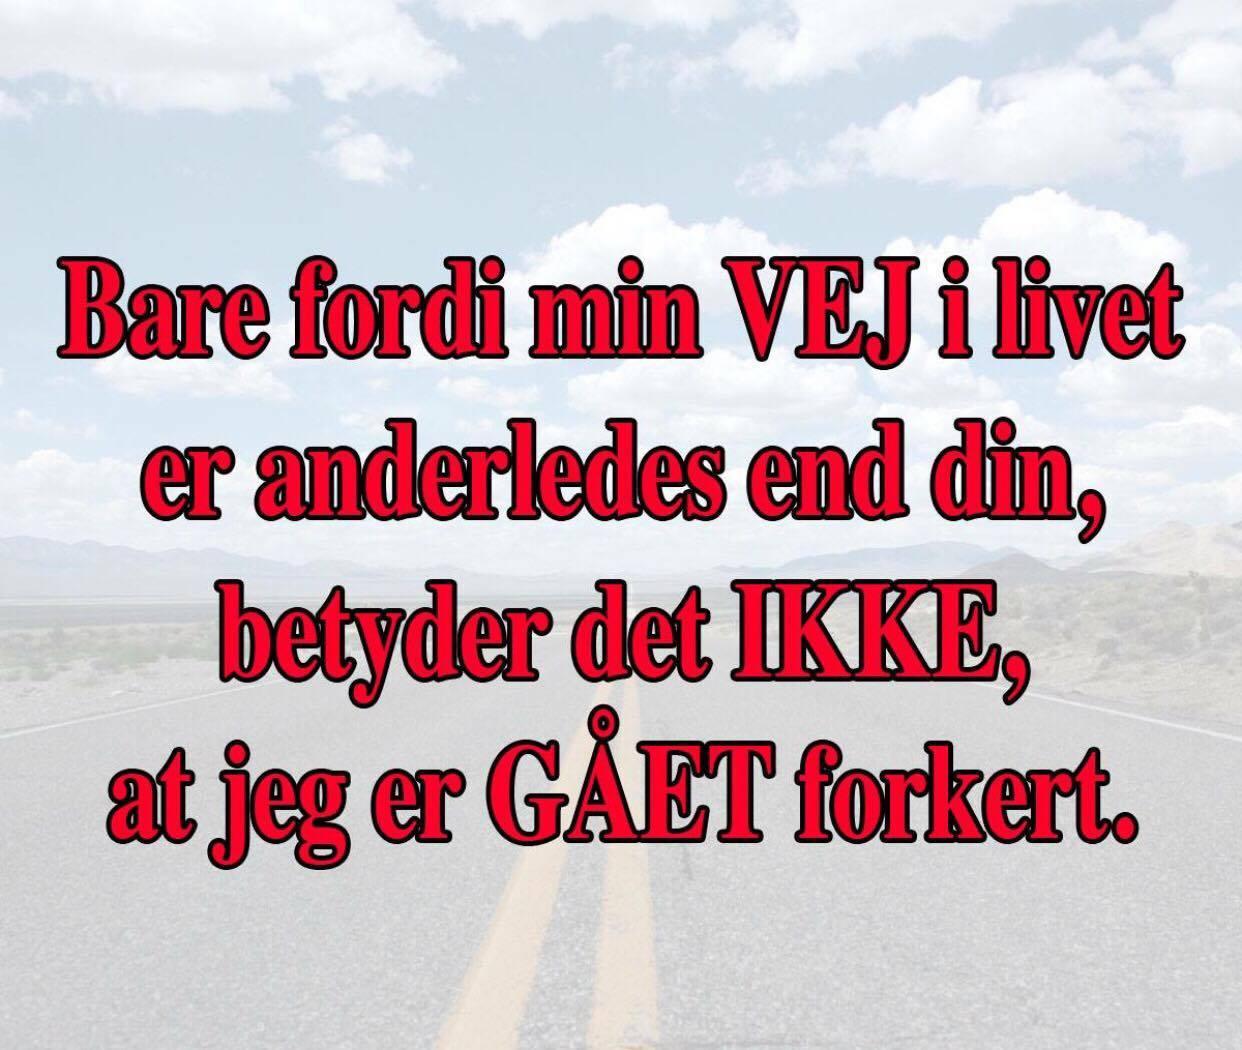 citater om livet og kærlighed livet   Danmarks smukkeste citater, Kærlighed.nu besøg os i dag citater om livet og kærlighed